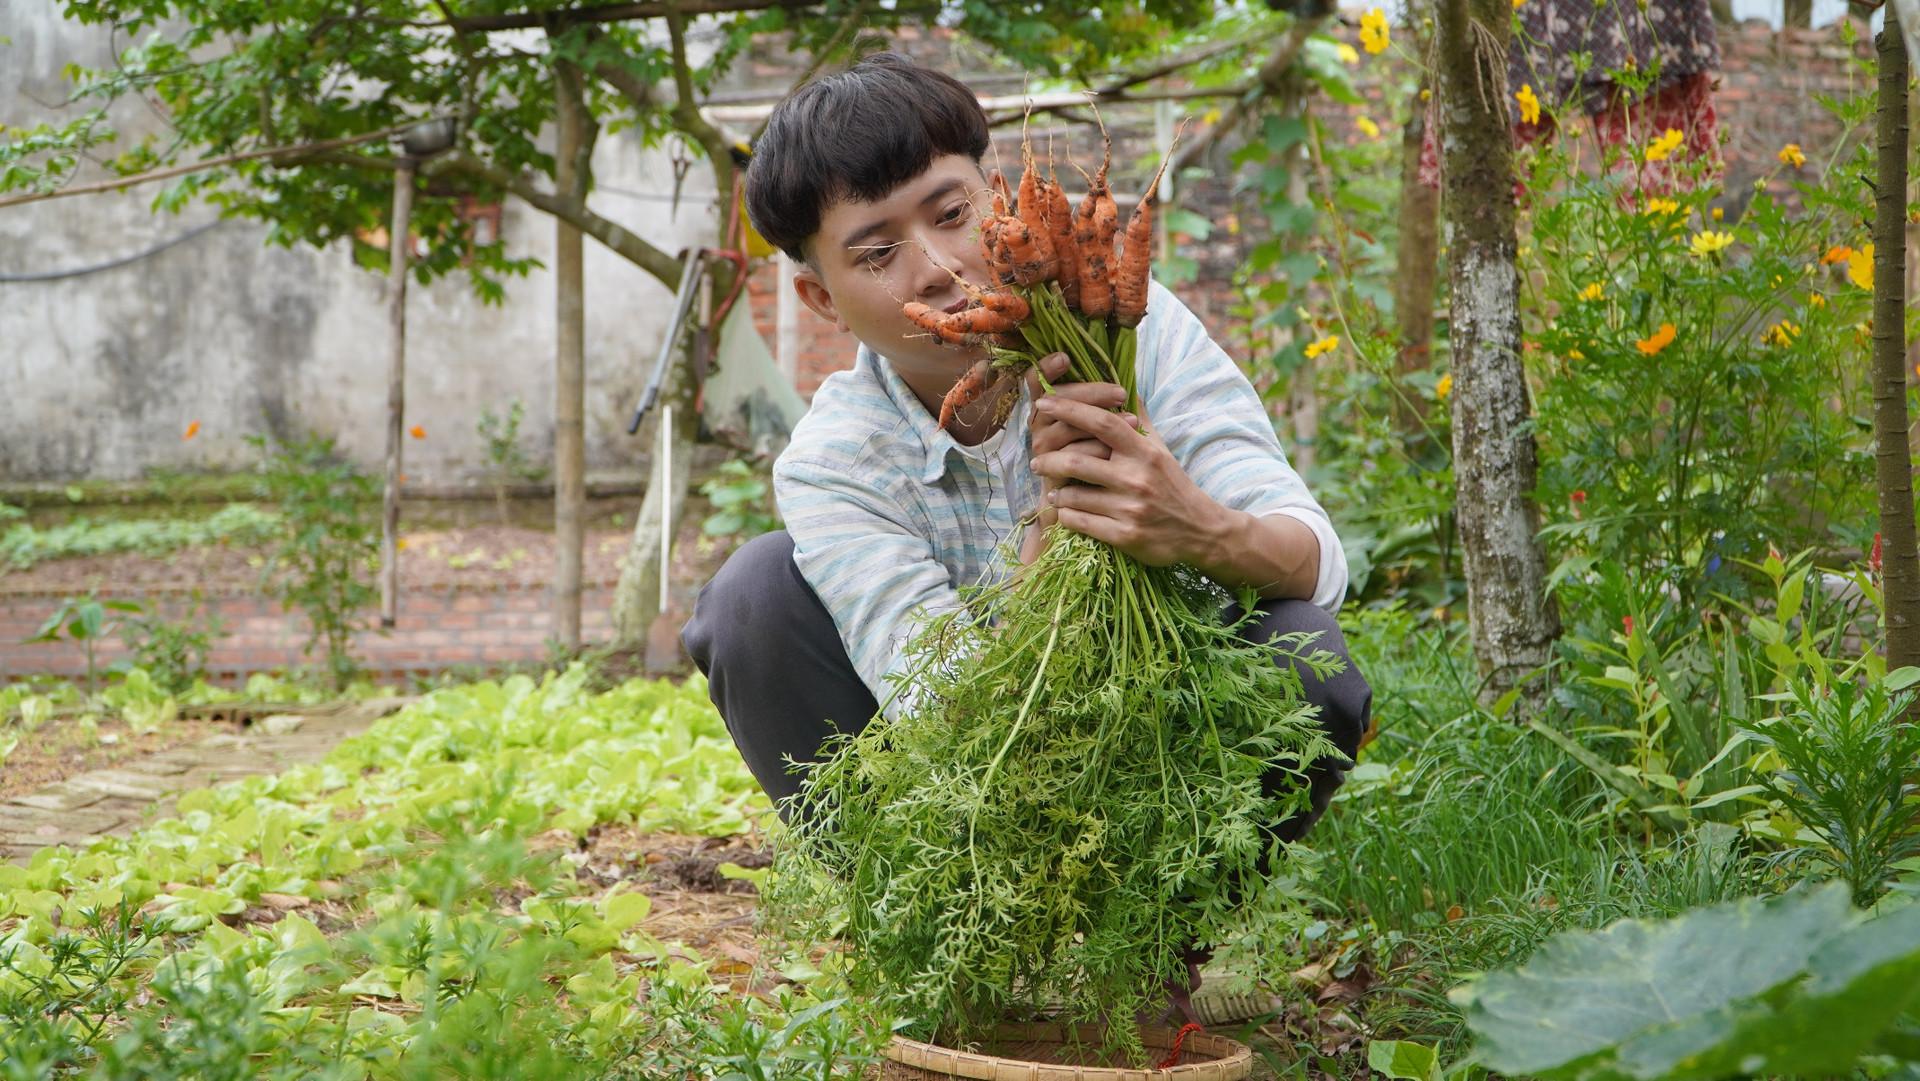 Sài Gòn trồng cây, hẹn gặp nhau khi hoa nở - 1